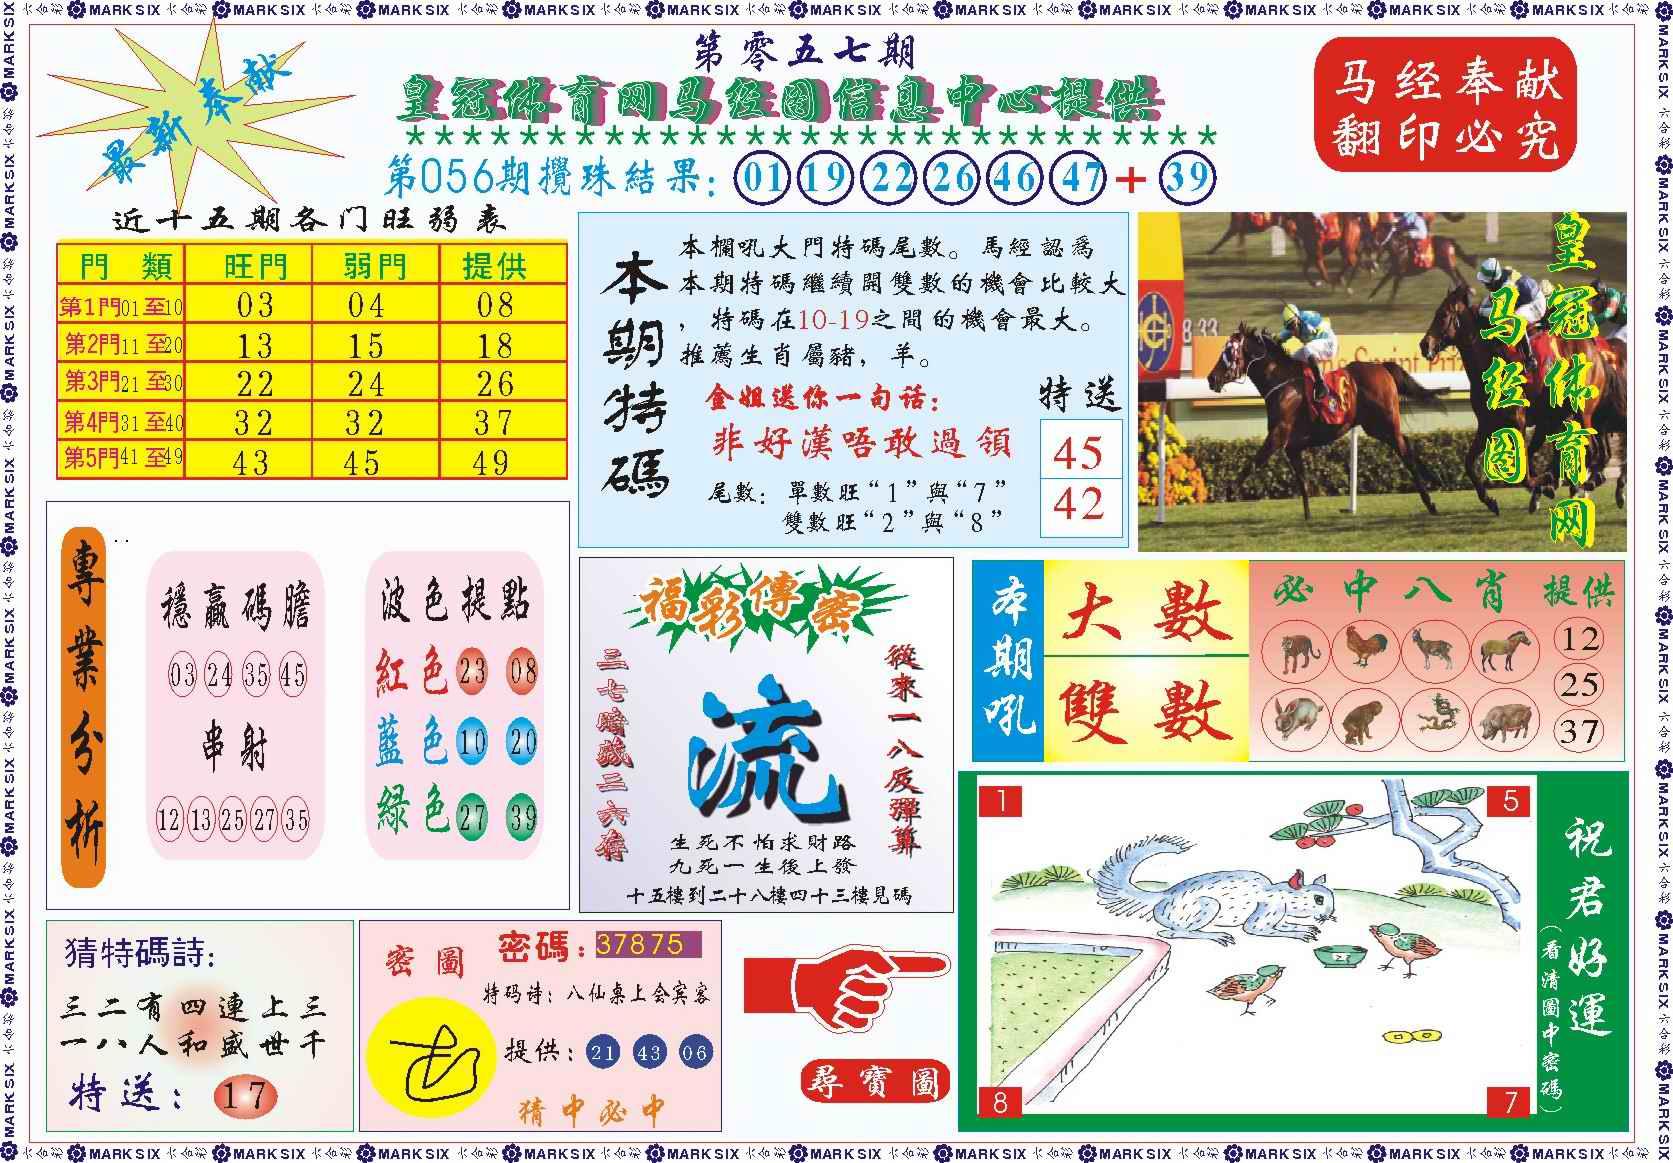 057期皇冠体育网马经图记录